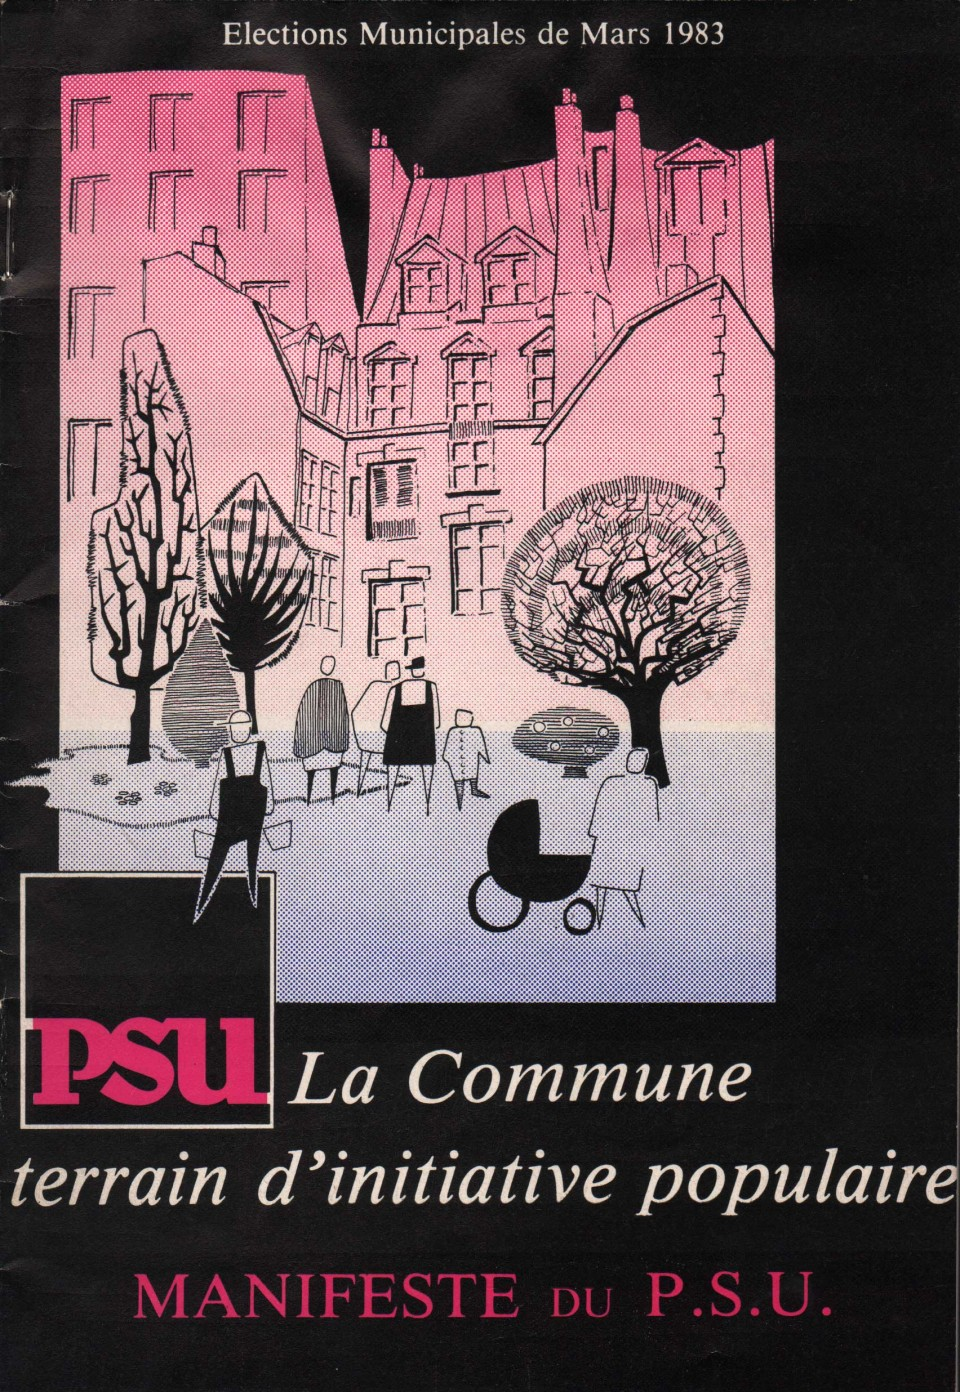 La commune, terrain d'initiative populaire. Manifeste du PSU. Brochure publiée à l'occasion des élections de mars 1983